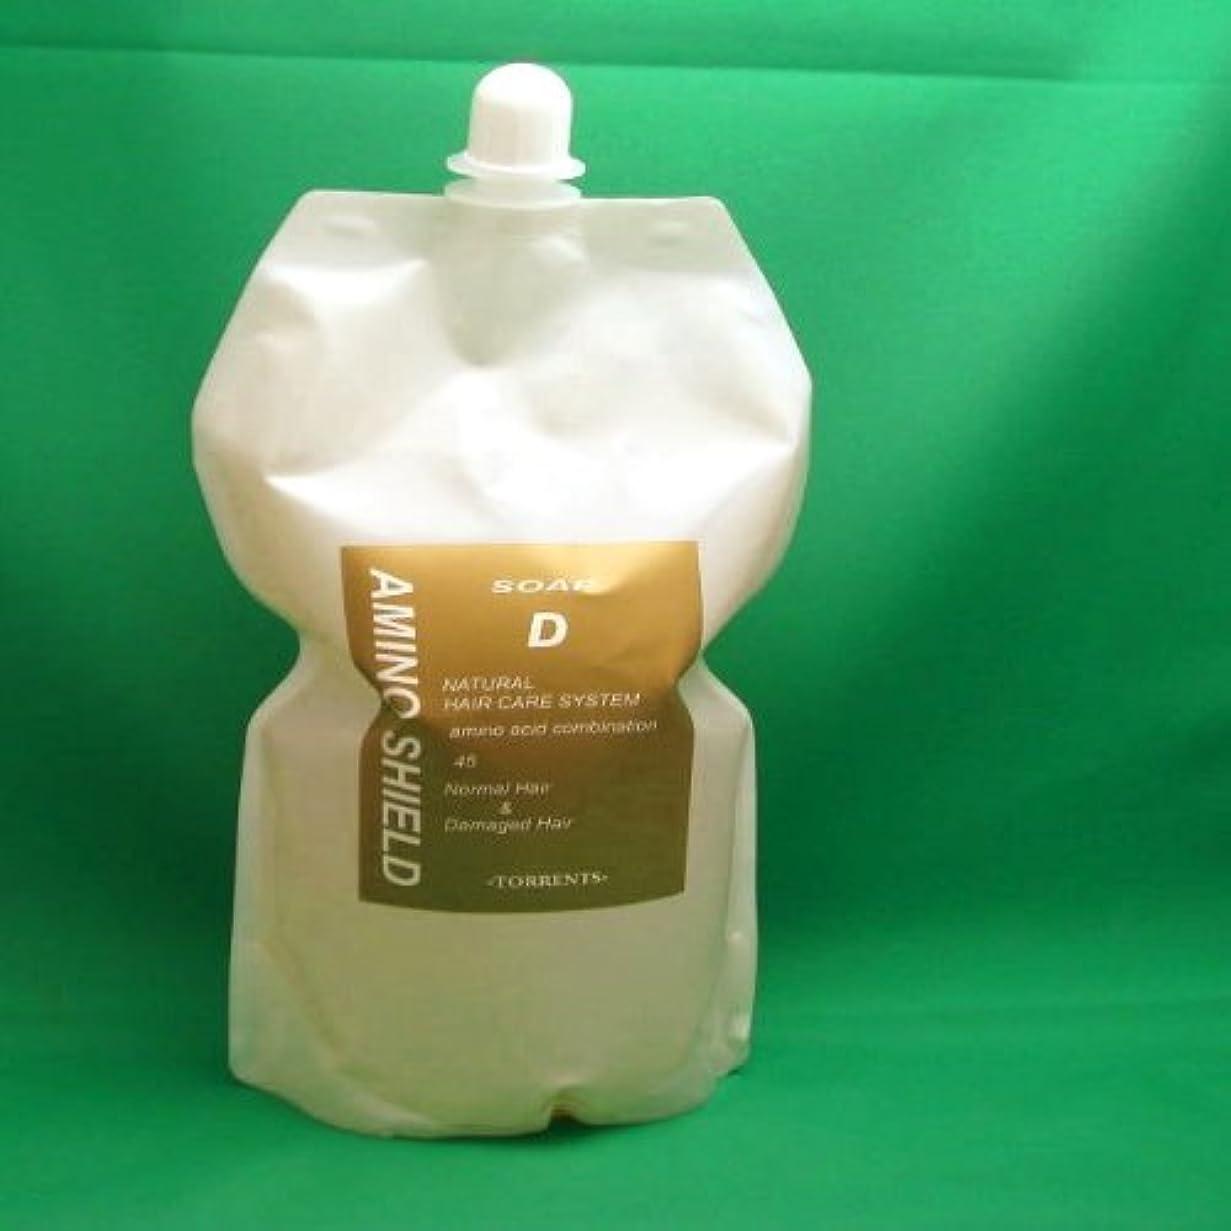 農業の野心重さアミノシールド ソープD詰換用1L